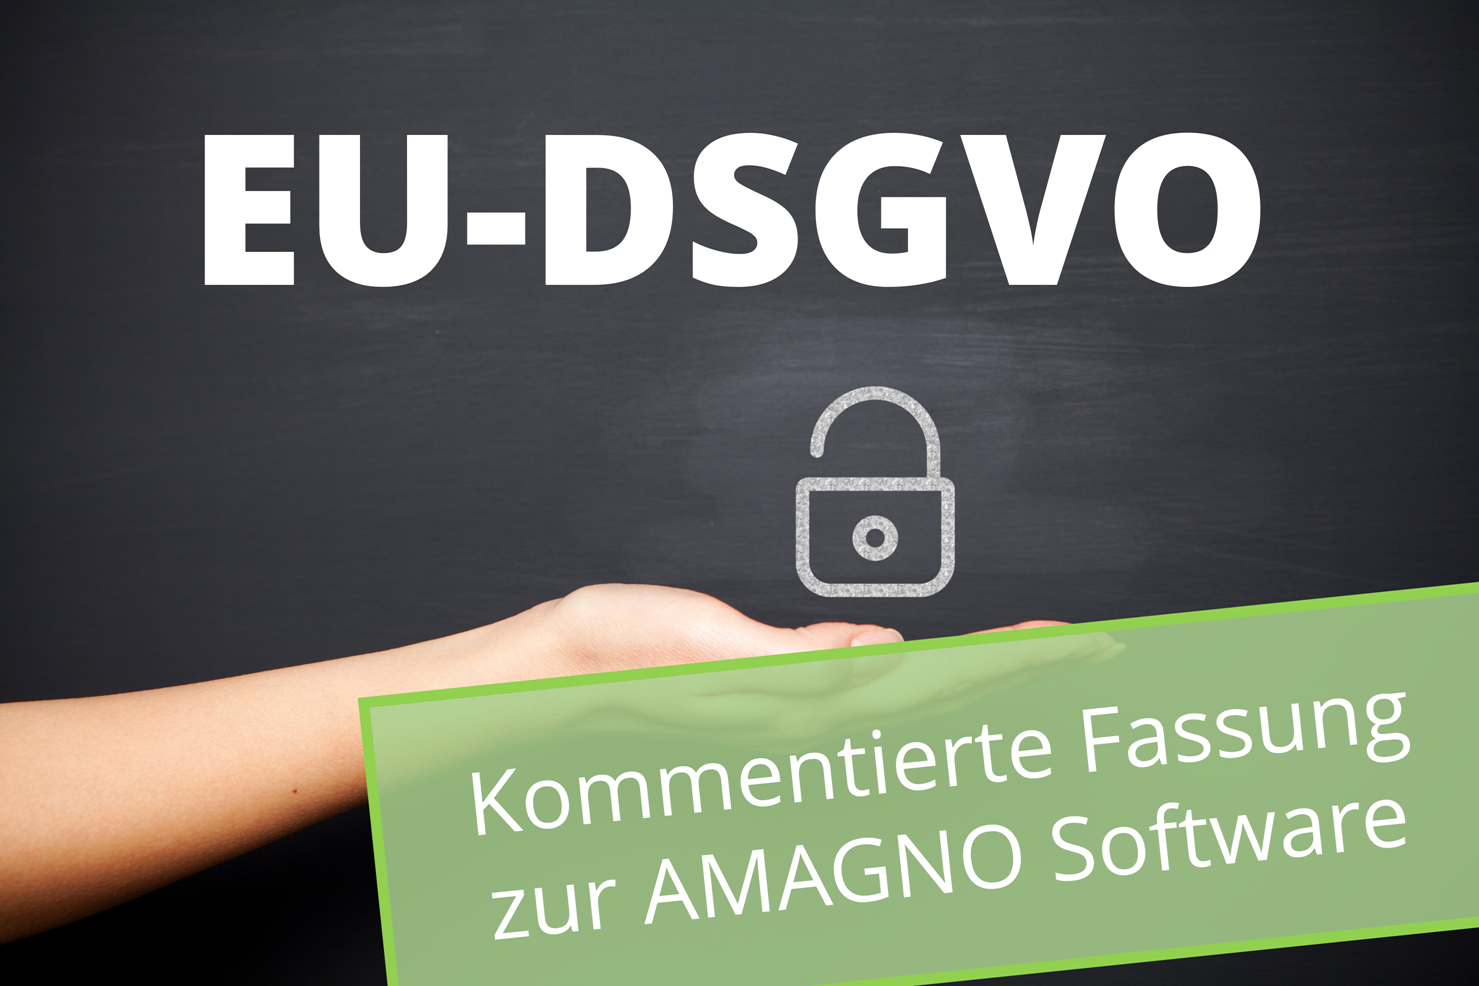 EU-DSGVO – kommentierter Gastbeitrag